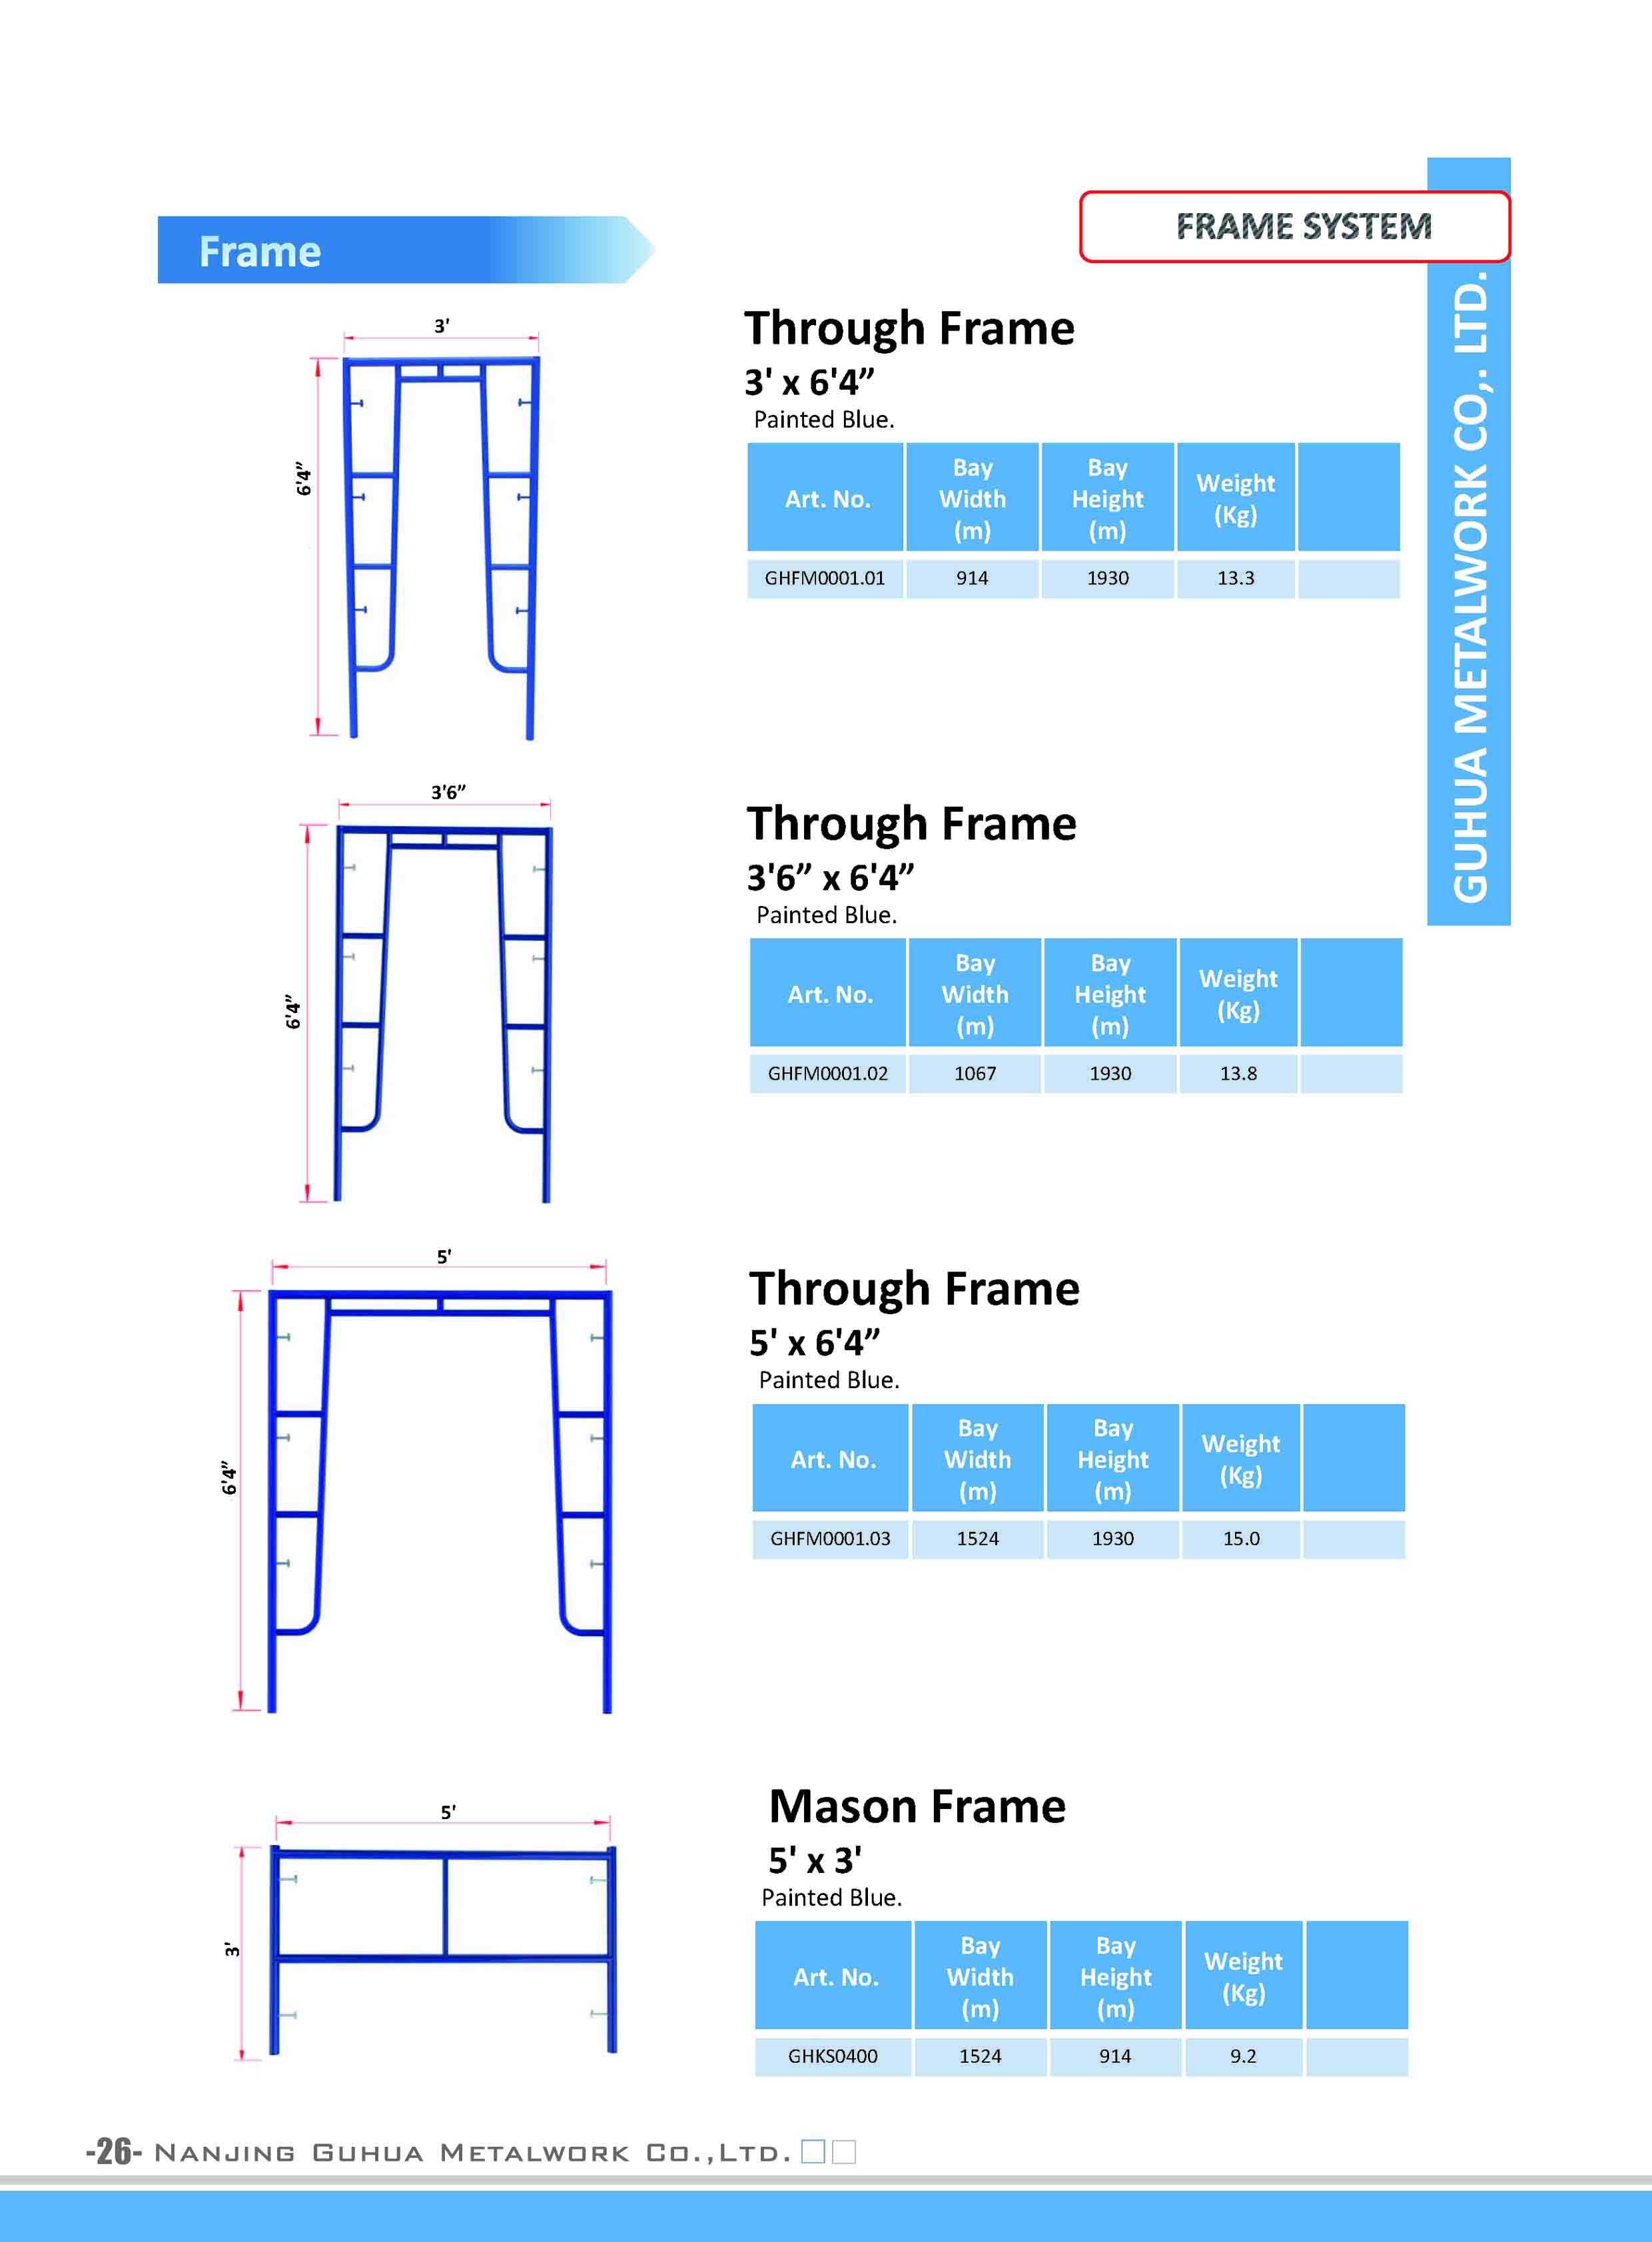 NGM_Frame scaffolding_Mason_Walkthrough_shoring_frame26